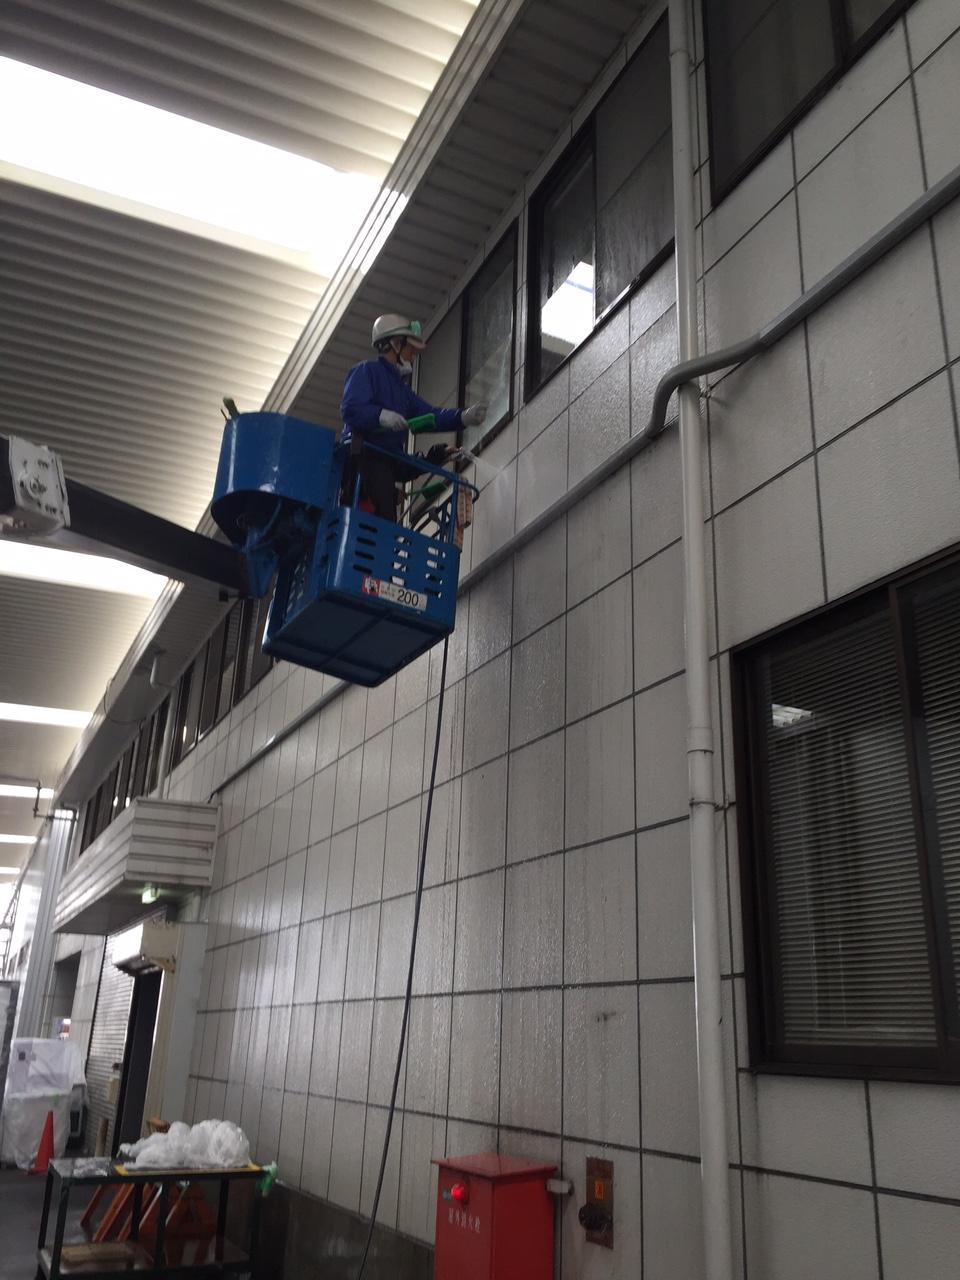 高所作業車で工場の窓ガラス清掃